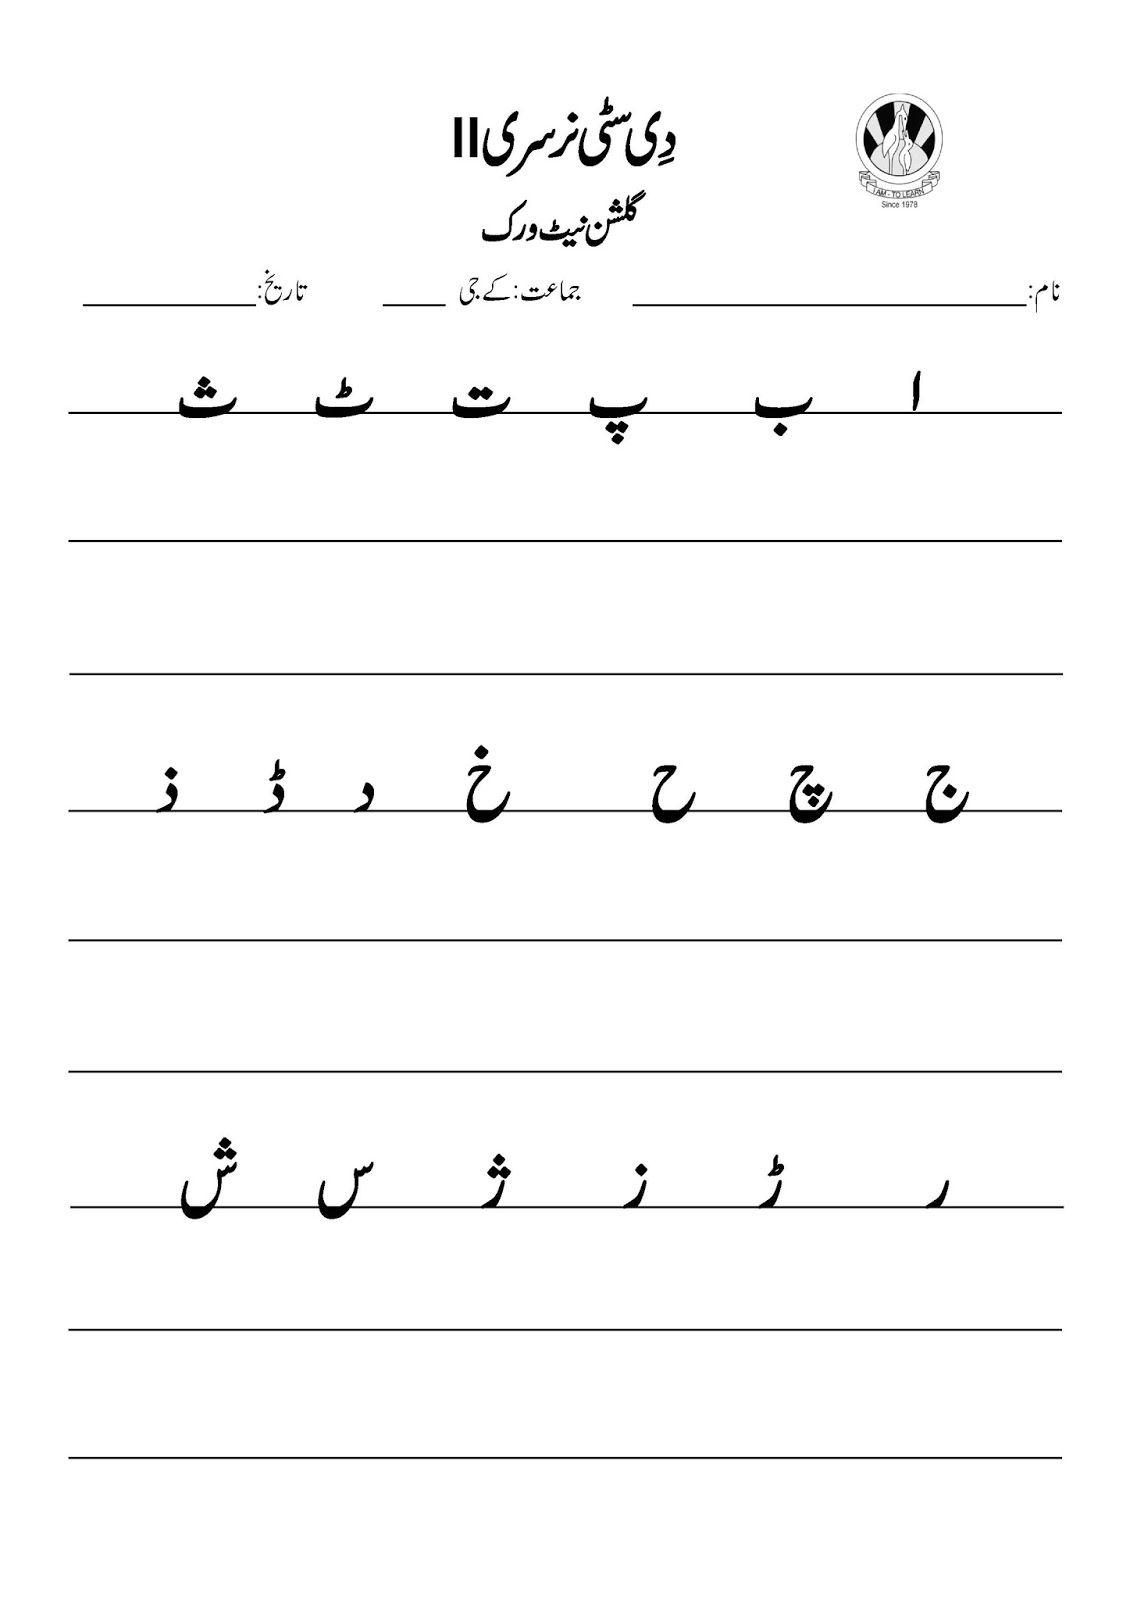 Sr Gulshan The City Nursery-Ii: Urdu First Term | Nursery inside Tracing Urdu Letters